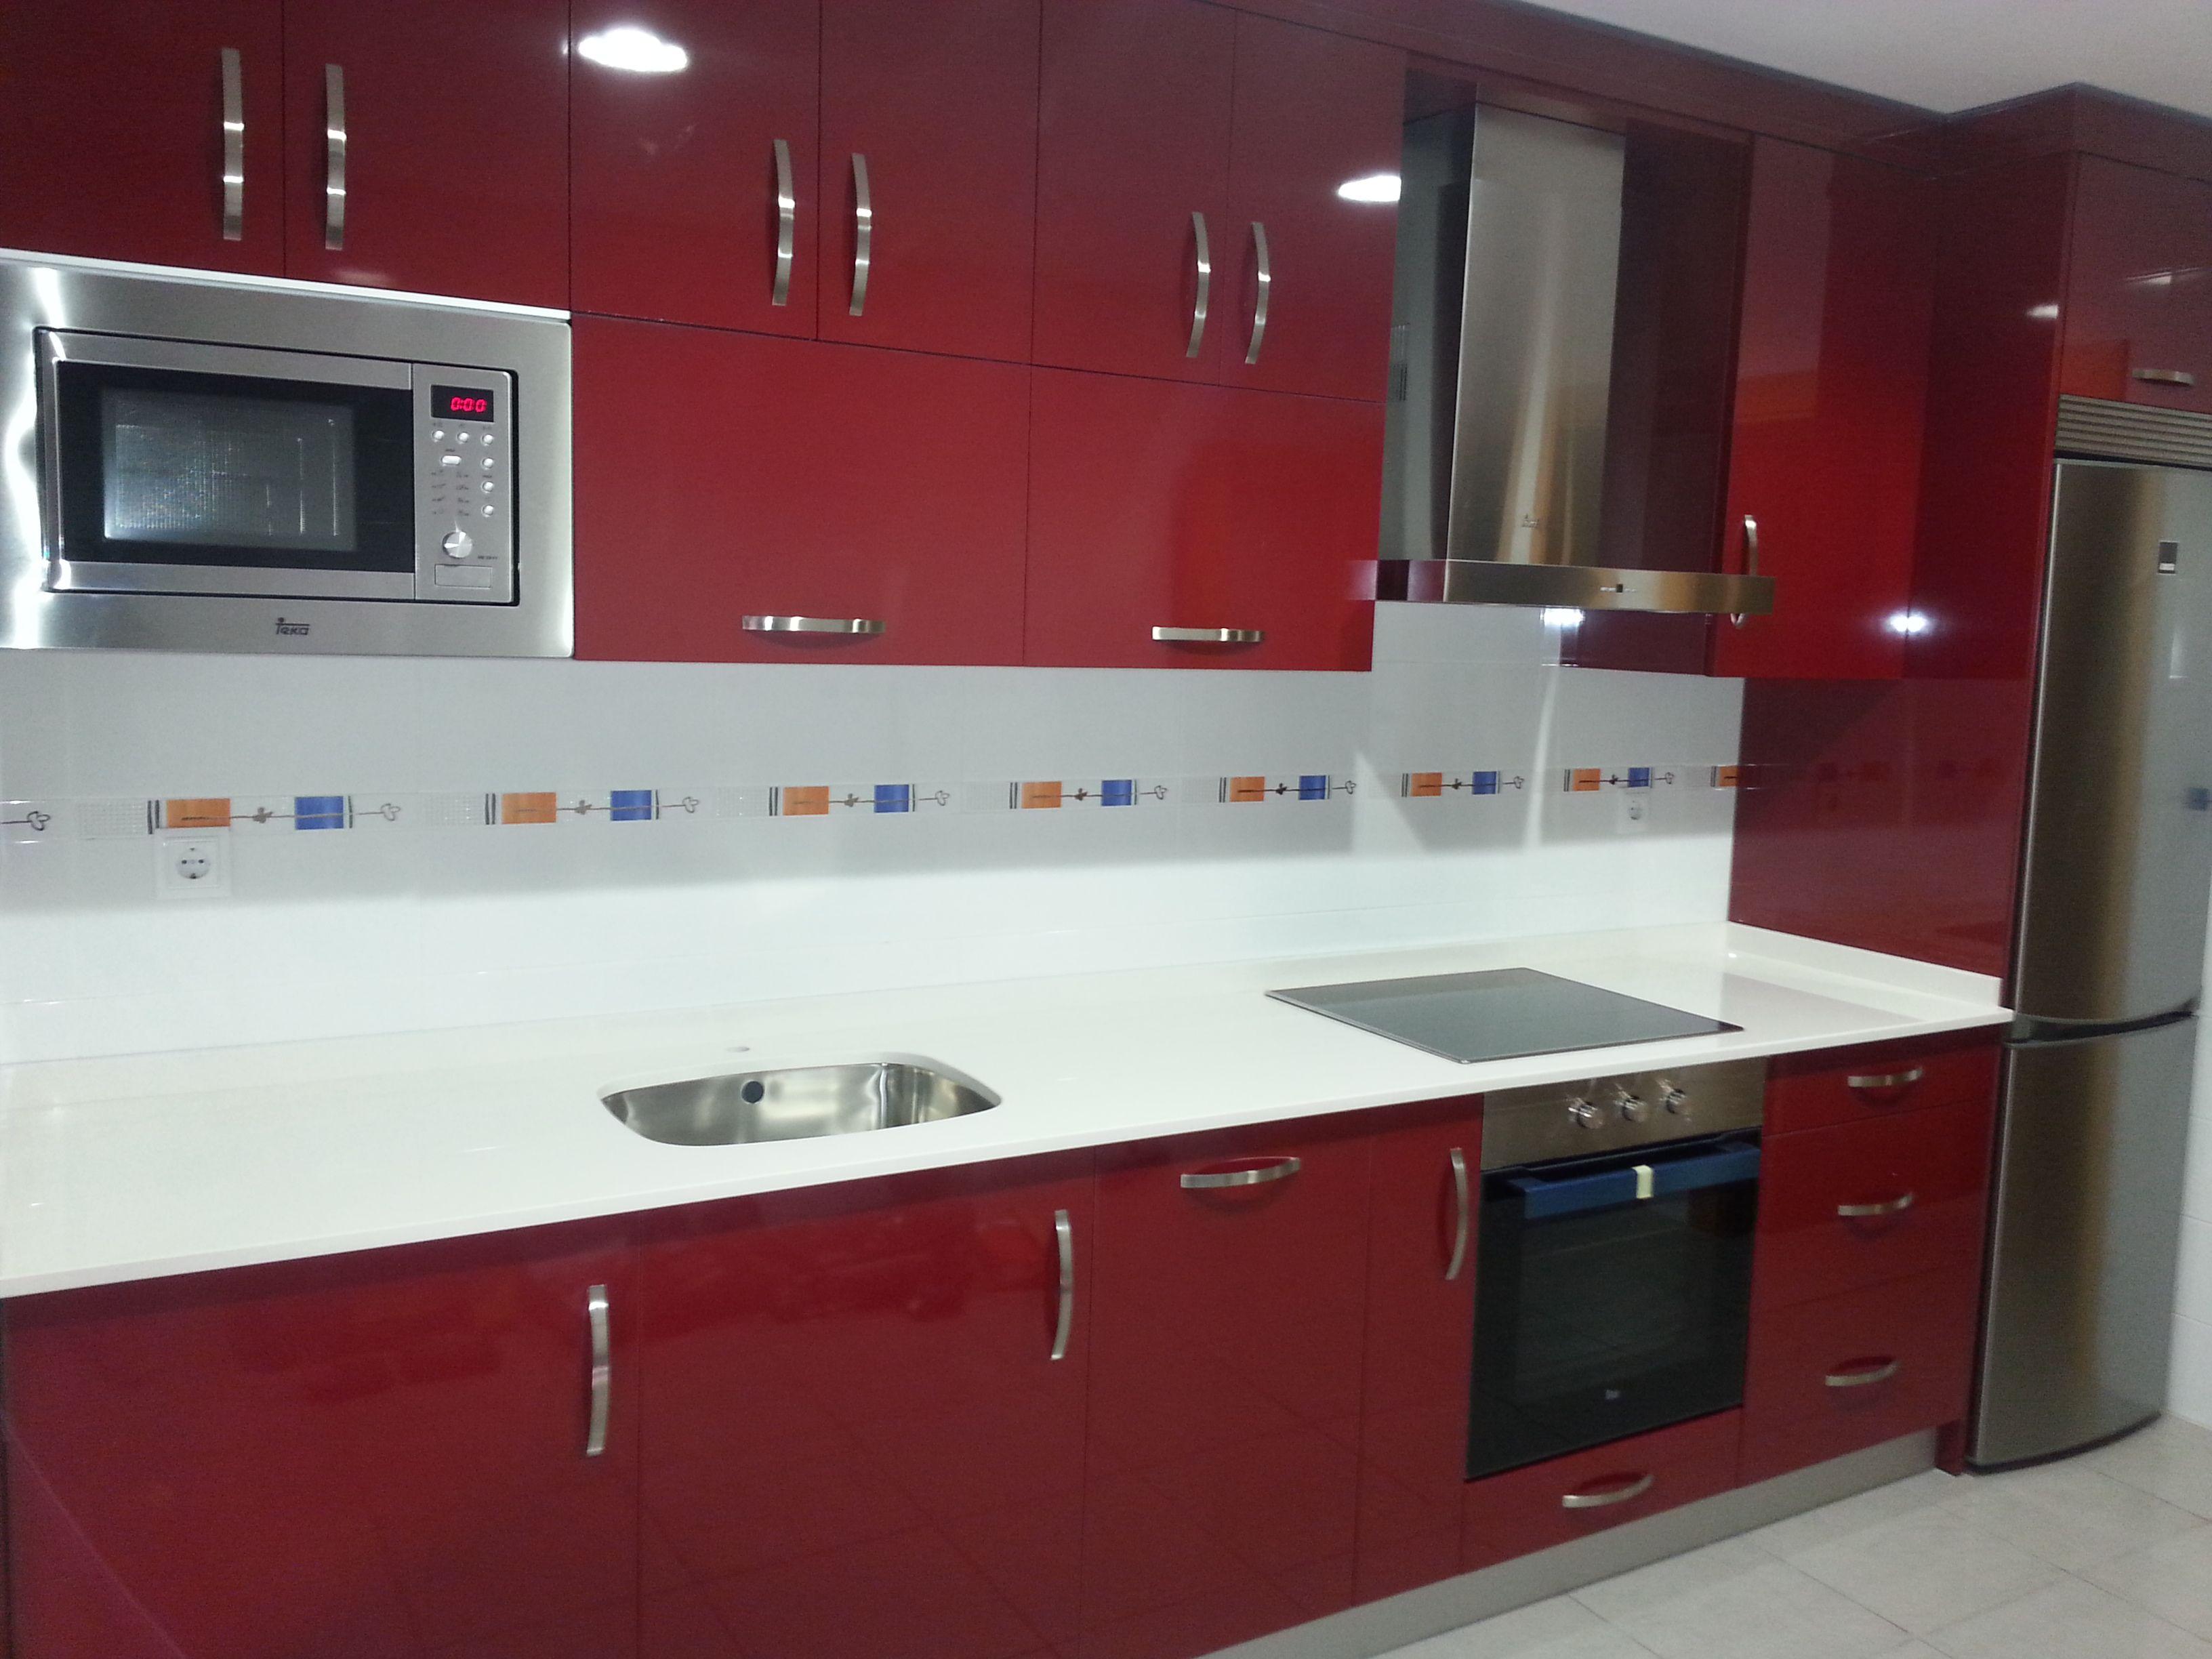 Qu se cuece en t cocina rojo burdeos encimera - Cocinas en rojo ...